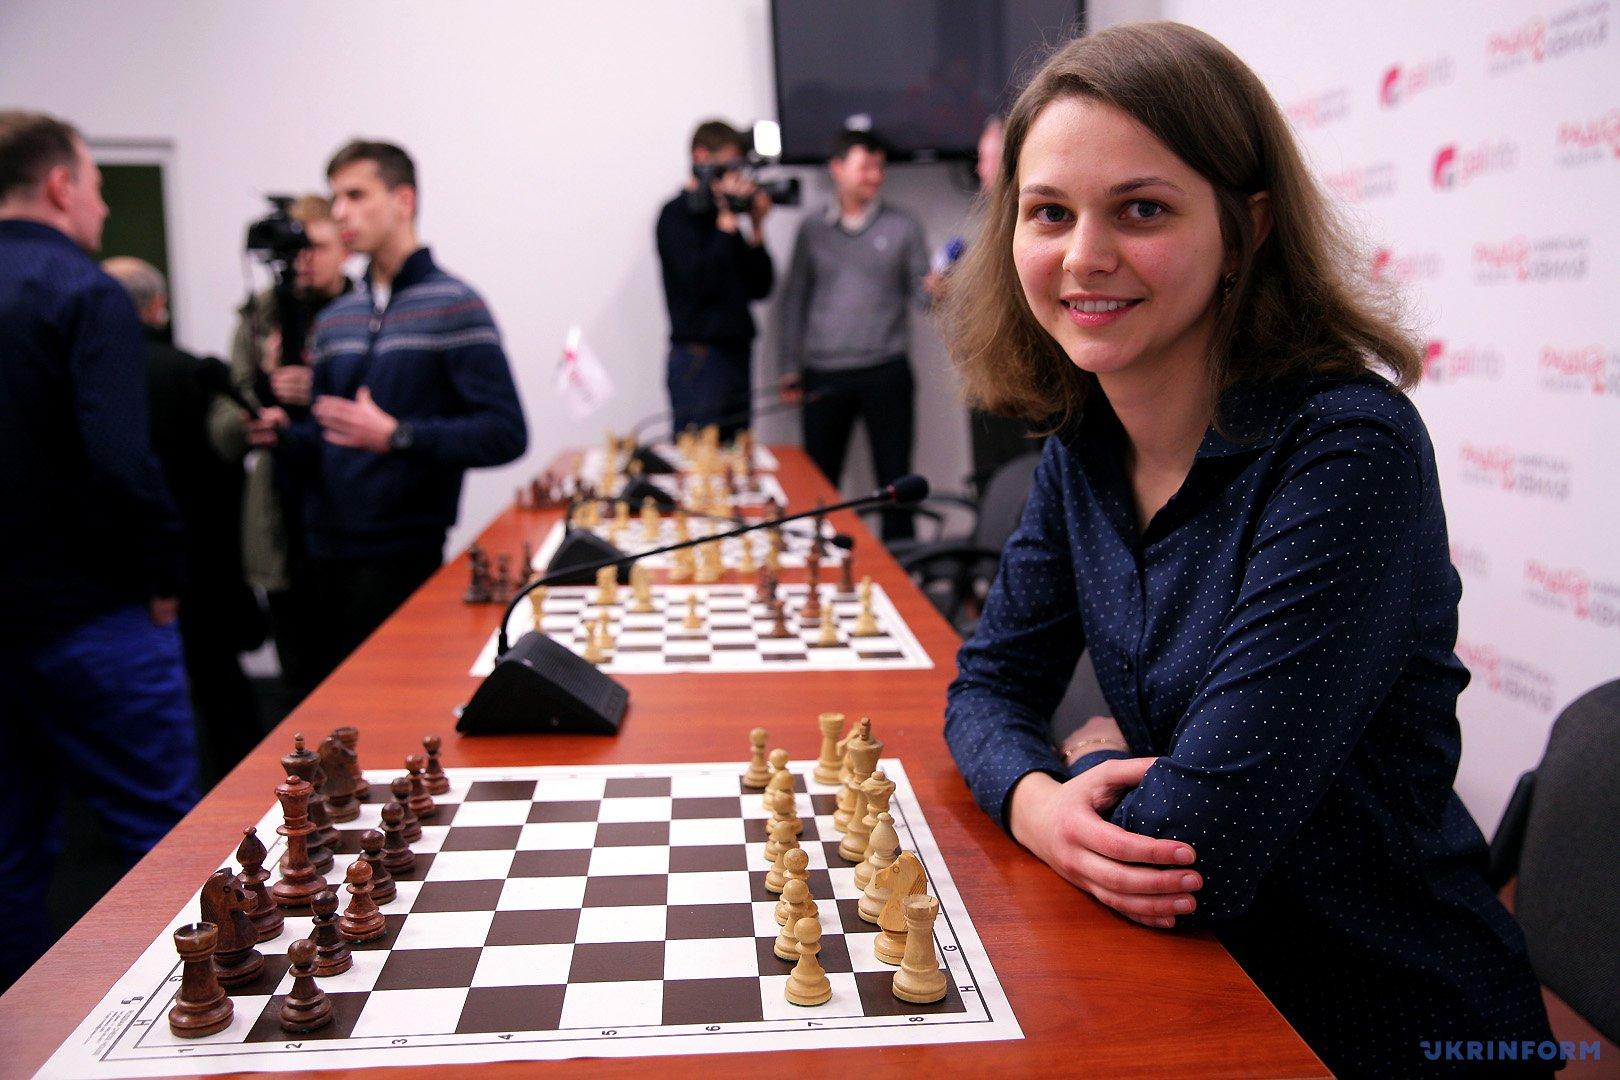 Макарычев: Карякин обосновал, что способен конкурировать сКарлсеном